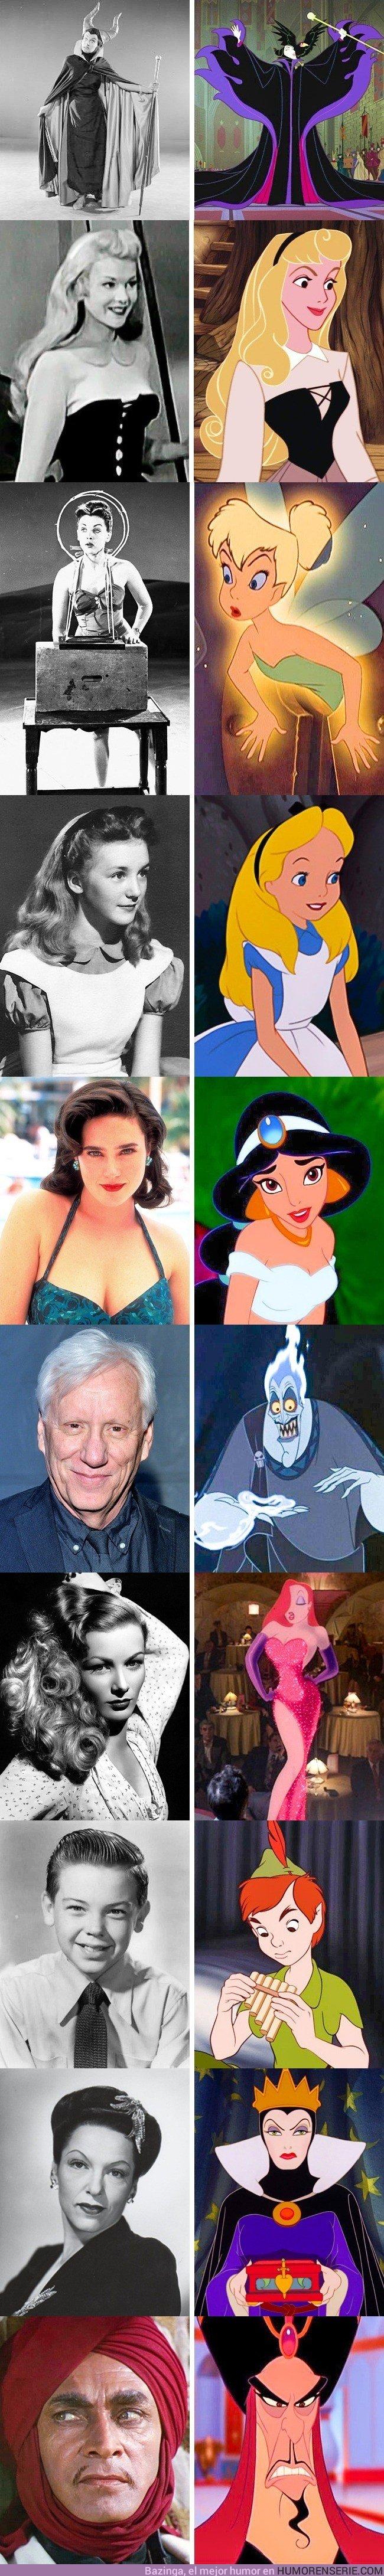 22248 - GALERÍA: 10 personajes de Disney que se inspiraron en estas personas reales